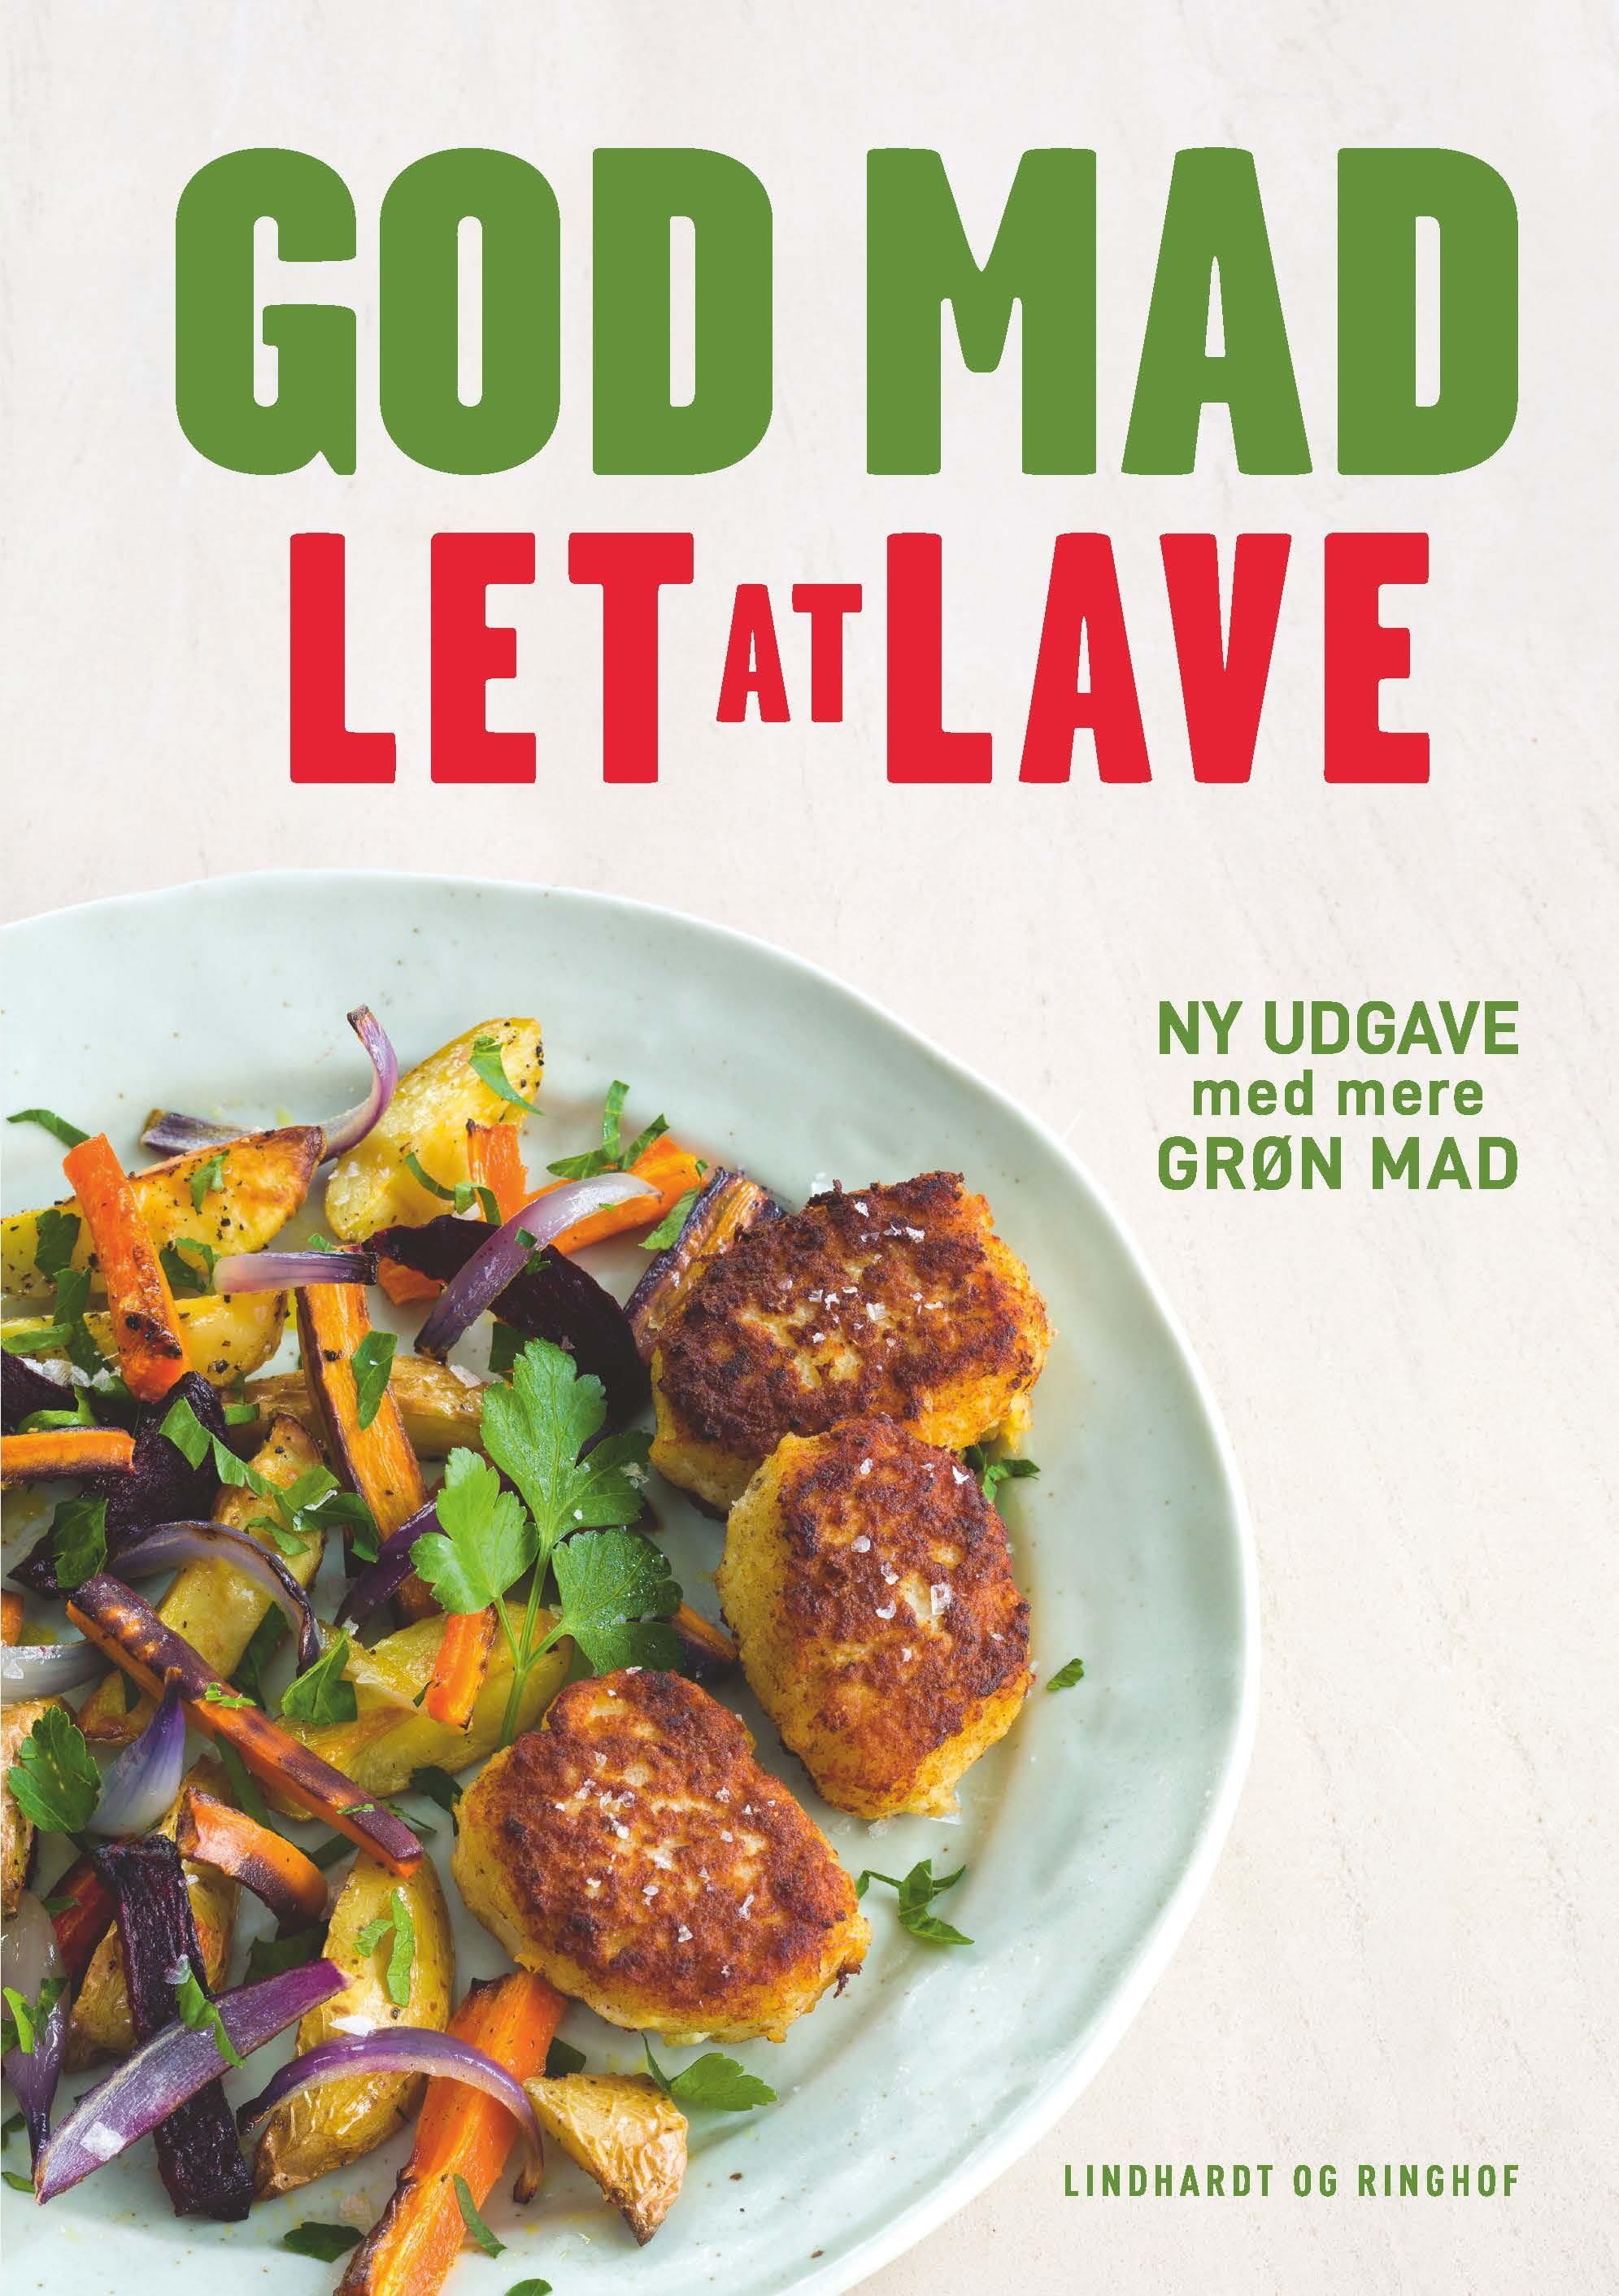 God mad let at lave - Marianne Kastberg; Kirsten Høgh Fogt; Marianne  Kastberg - Bøger - Lindhardt og Ringhof - 9788711983614 - October 9, 2020